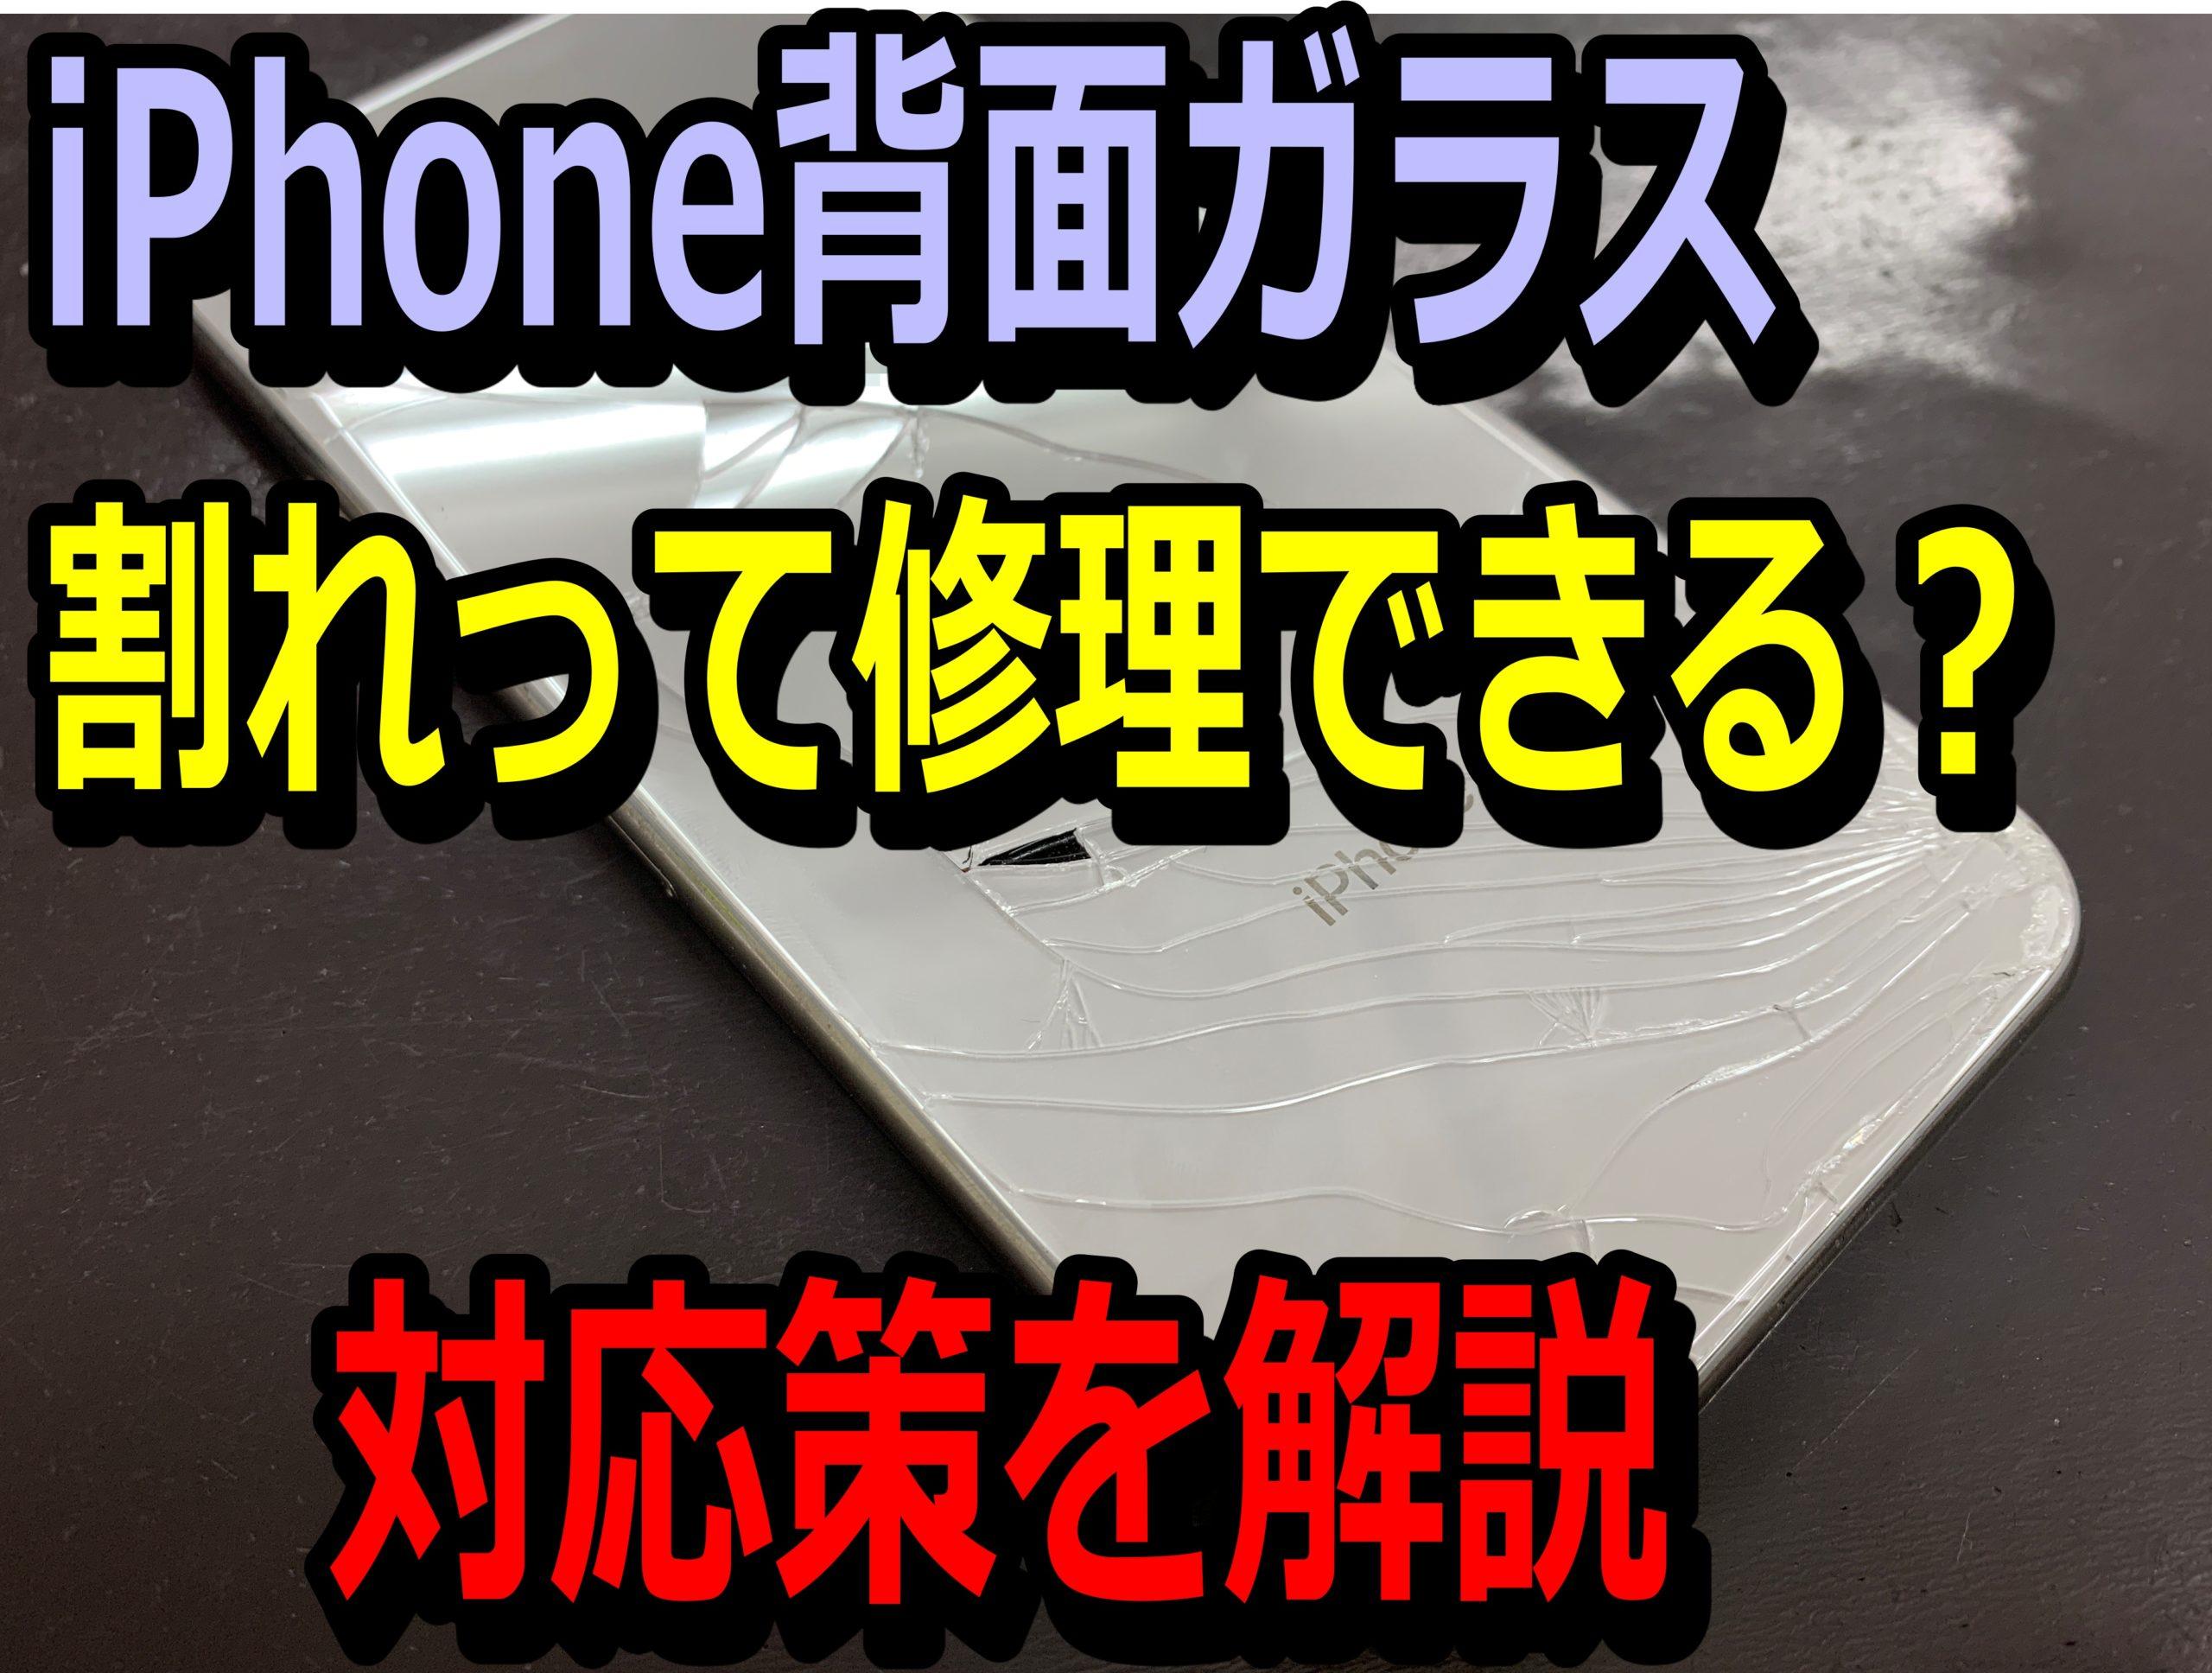 iPhone背面ガラス割れって修理できる!?対応策を解説